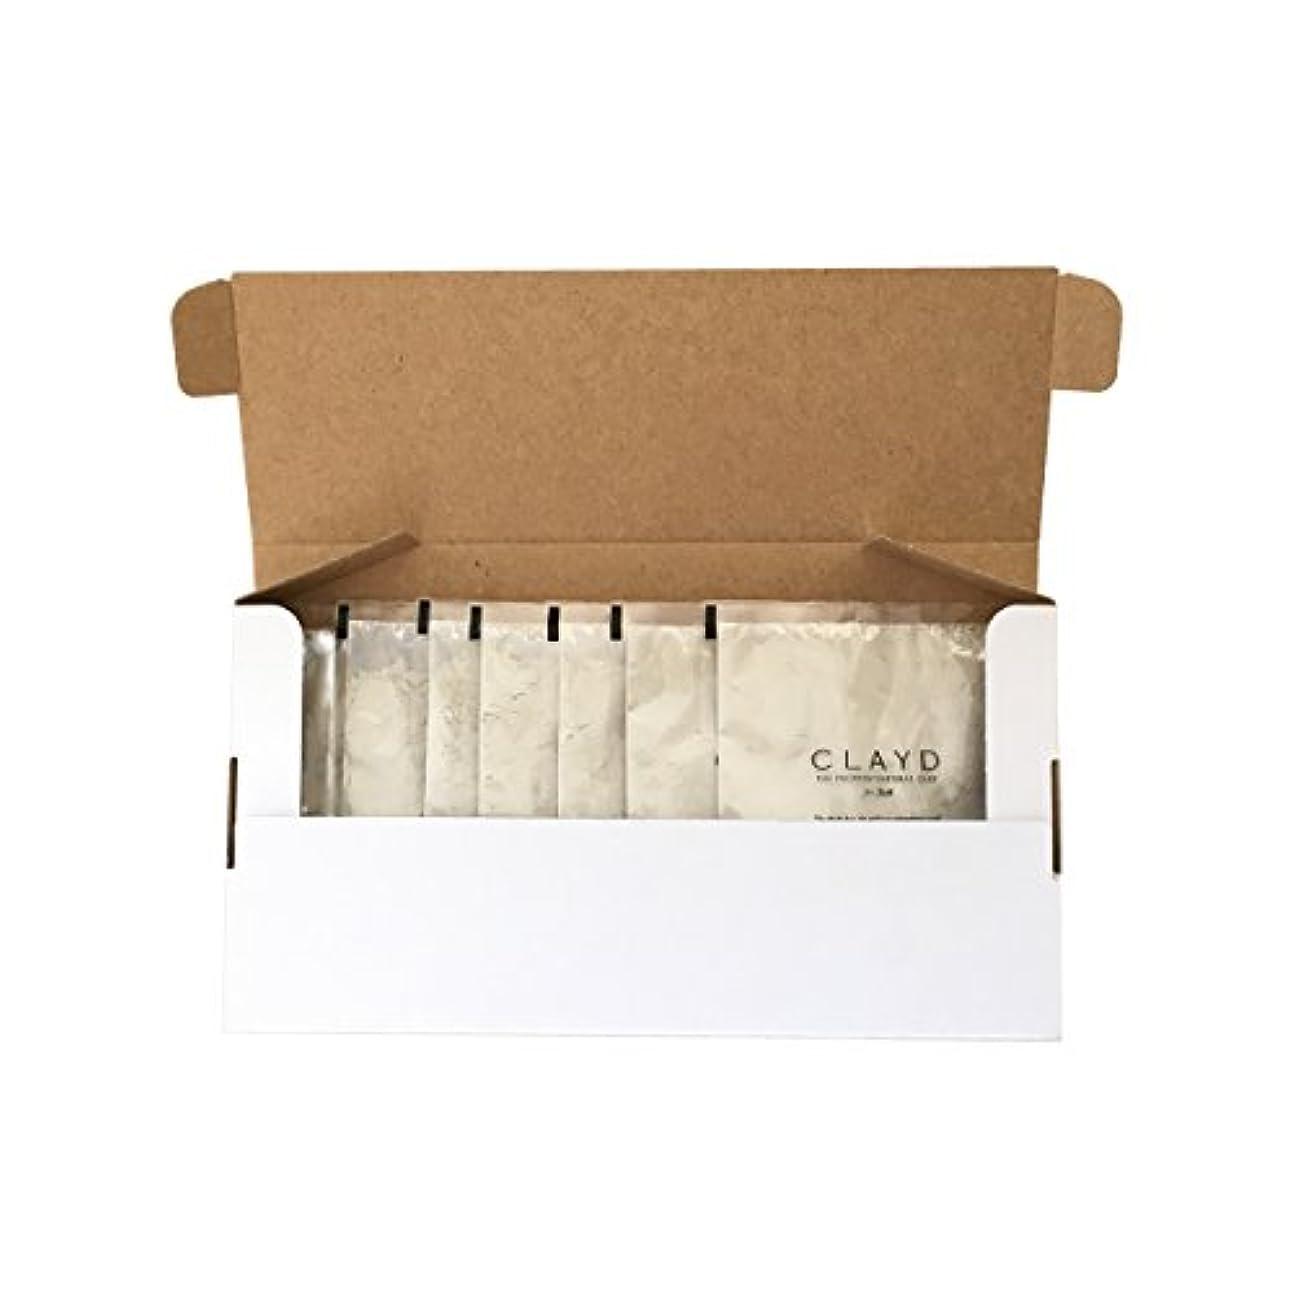 生まれ帰るグラムCLAYD for Bath(クレイドフォーバス)ONE WEEK TRIAL(30g×7袋)